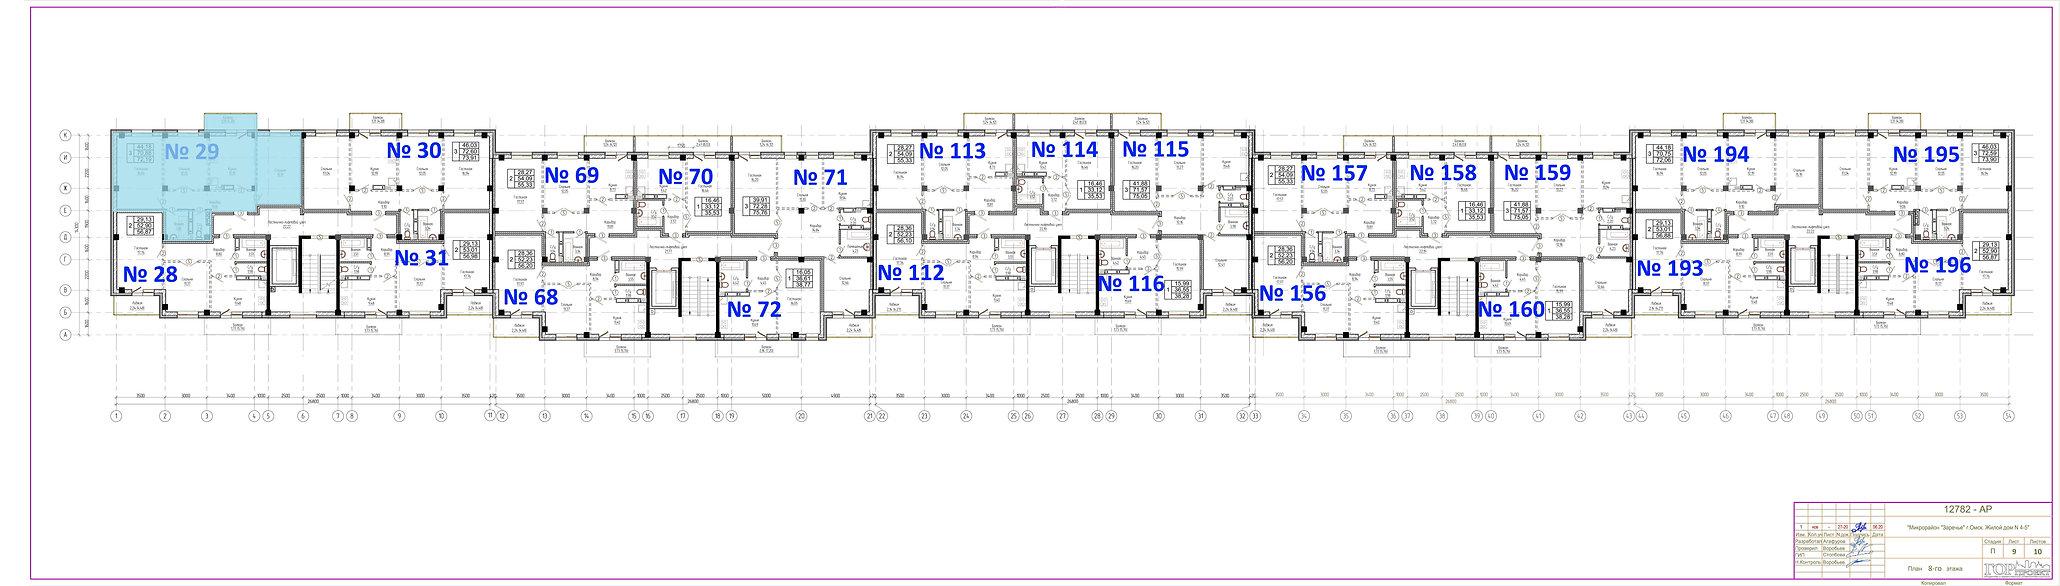 8 этаж кв 29.jpg